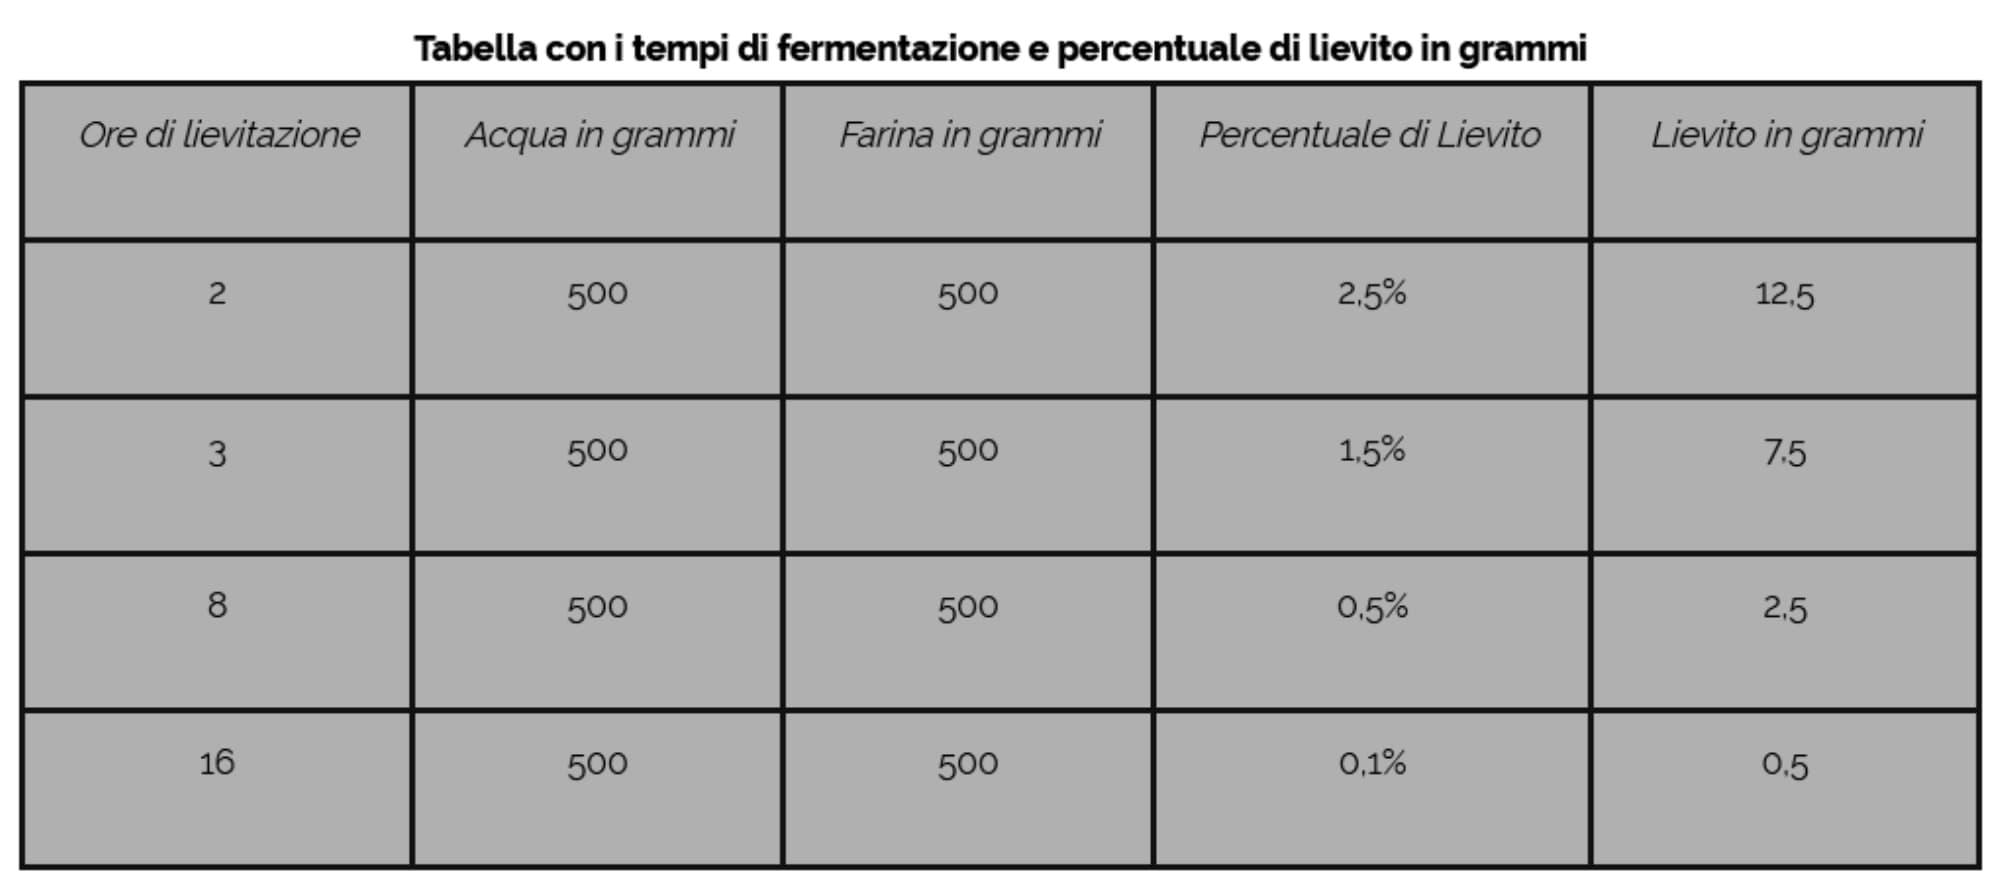 Tempi di fermentazione